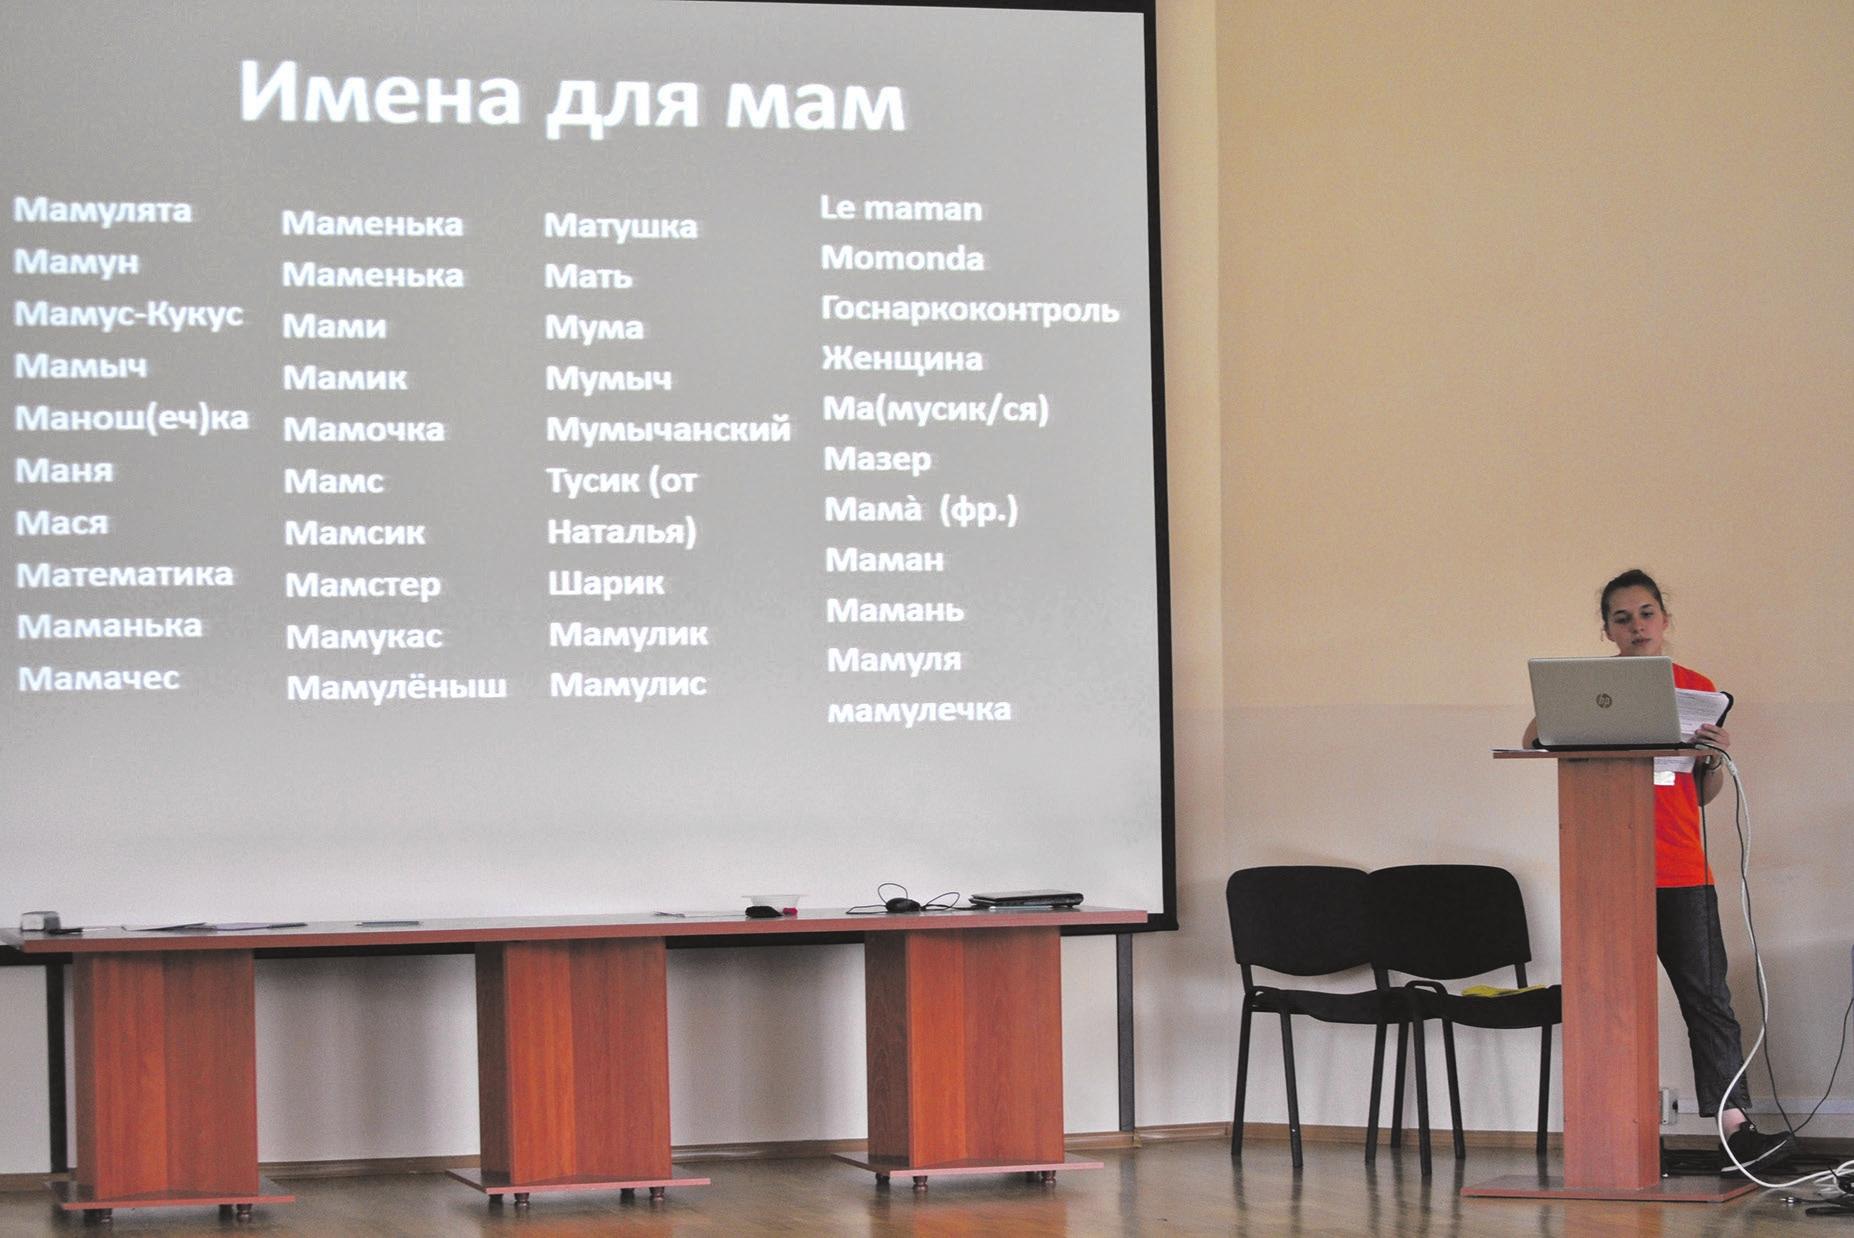 Ольга Тужик представила свой проект в ходе Летней школы